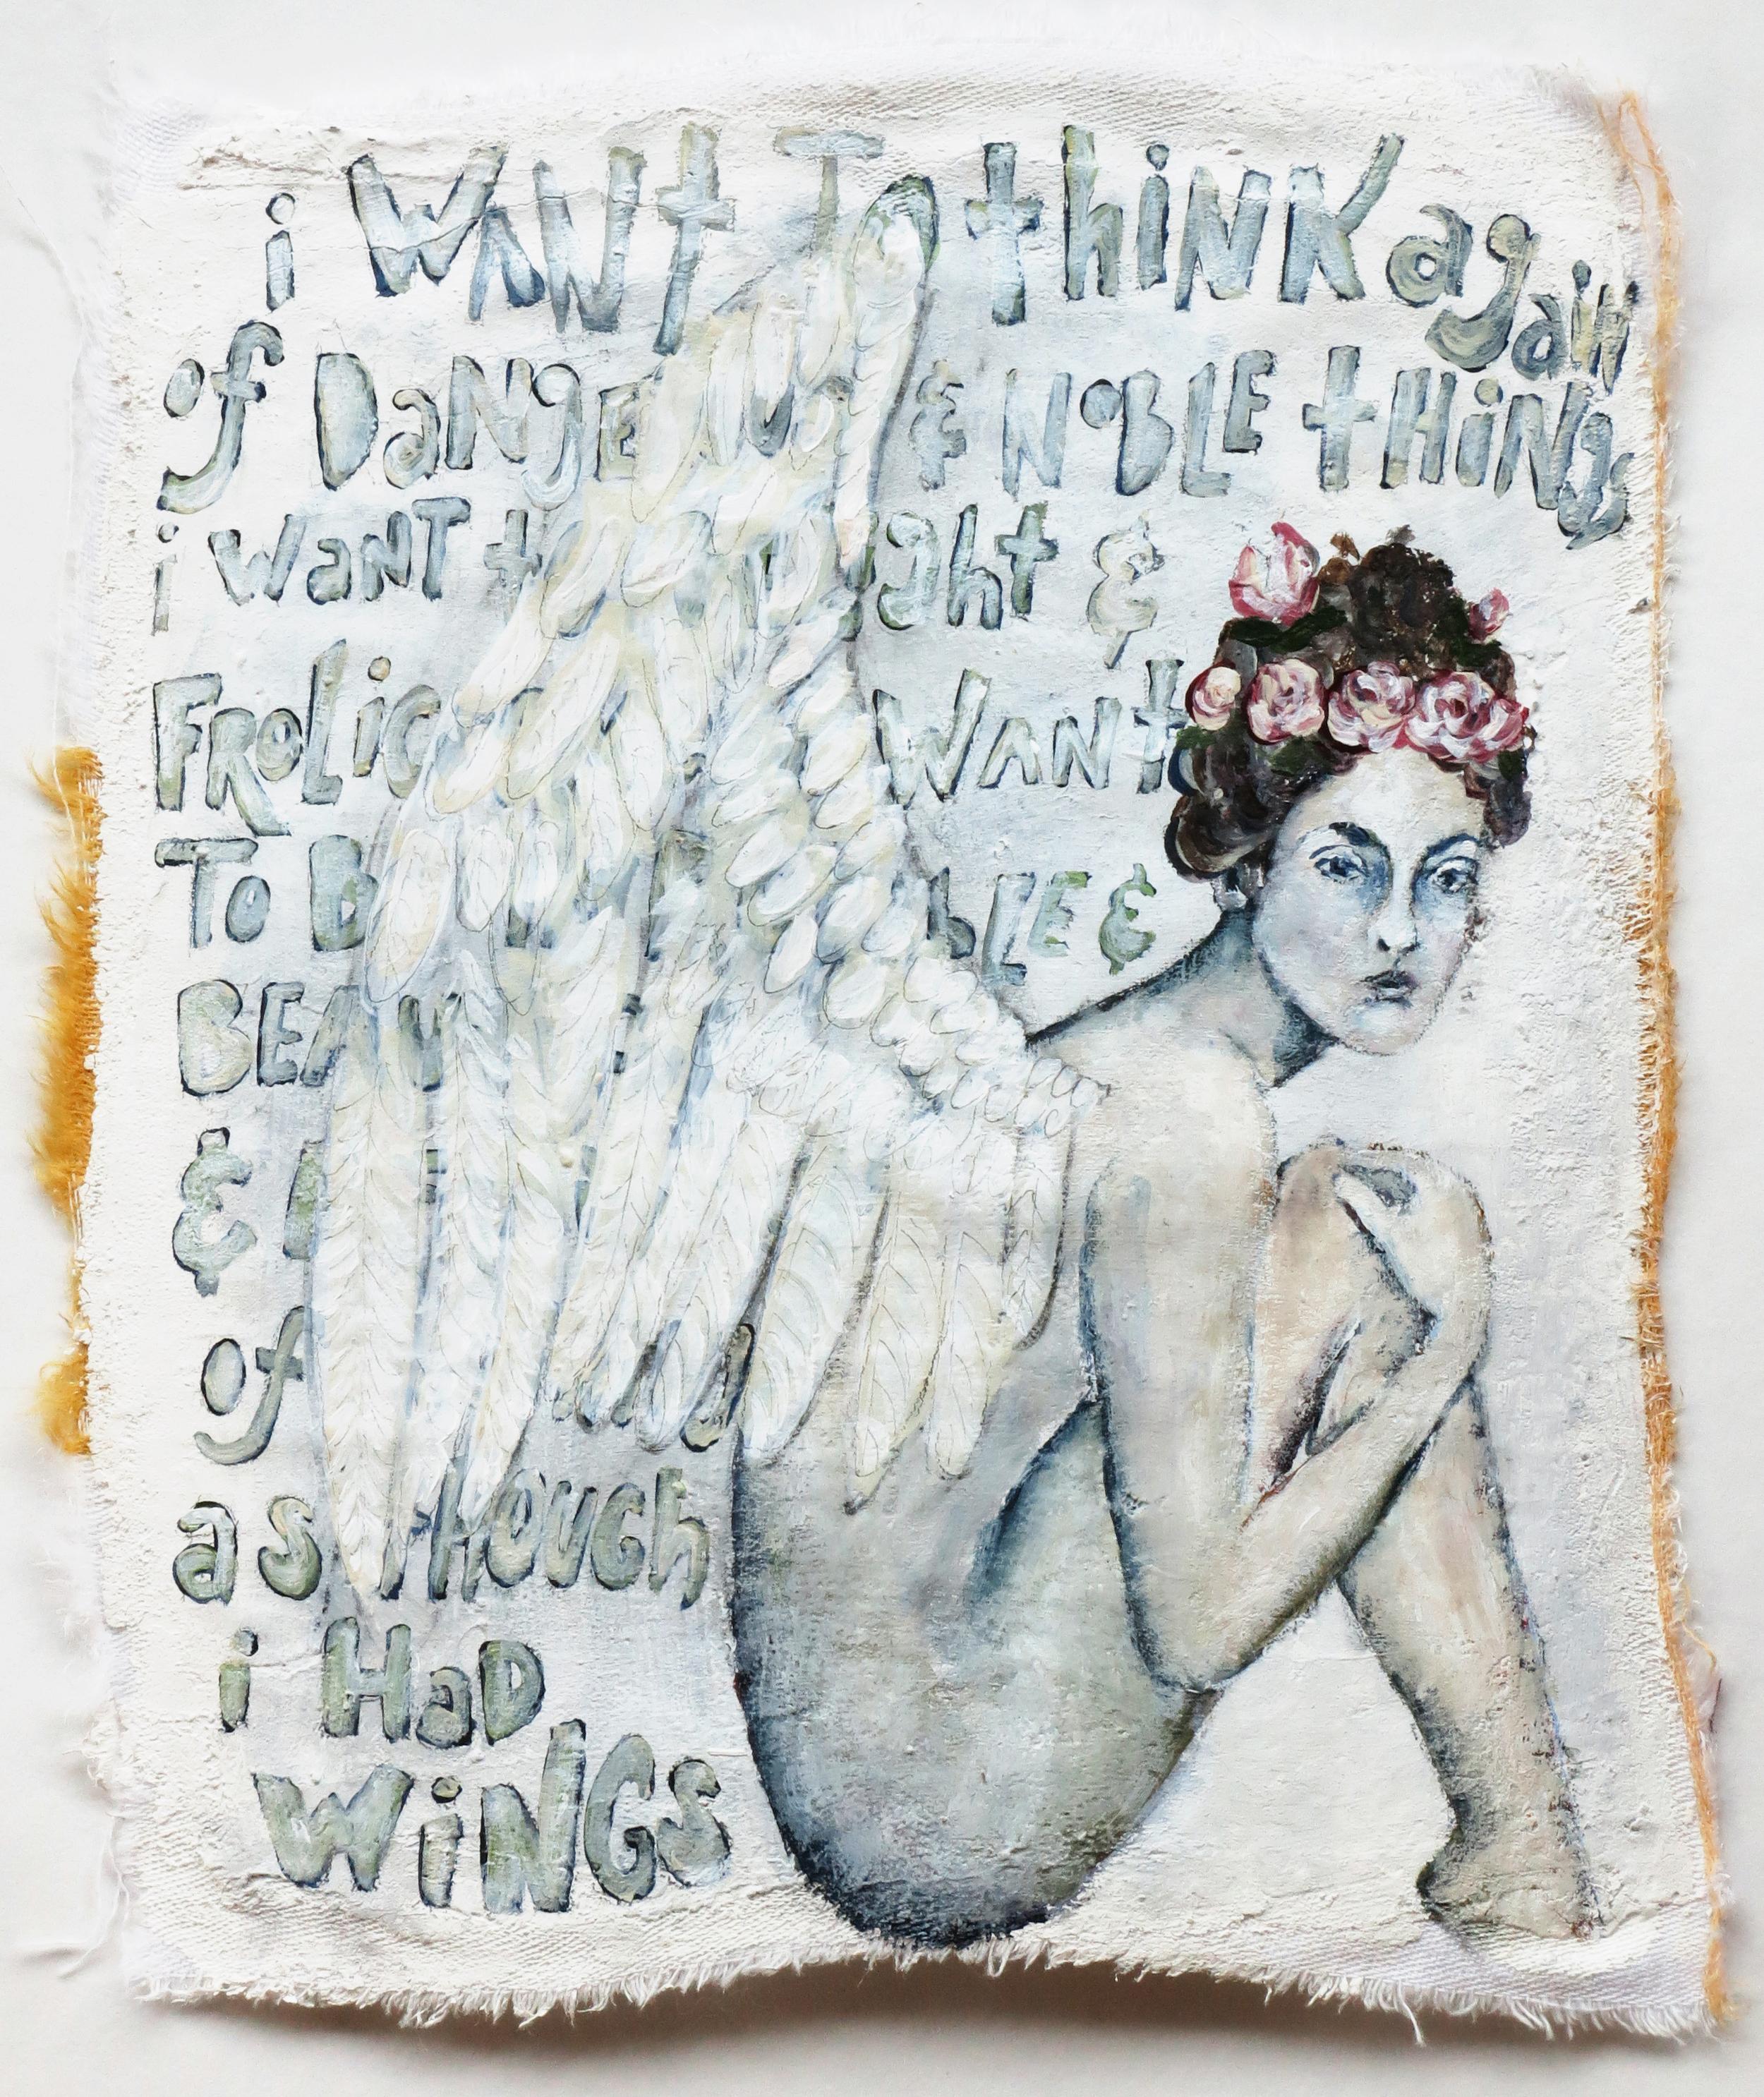 As though I had Wings - Galia Alena